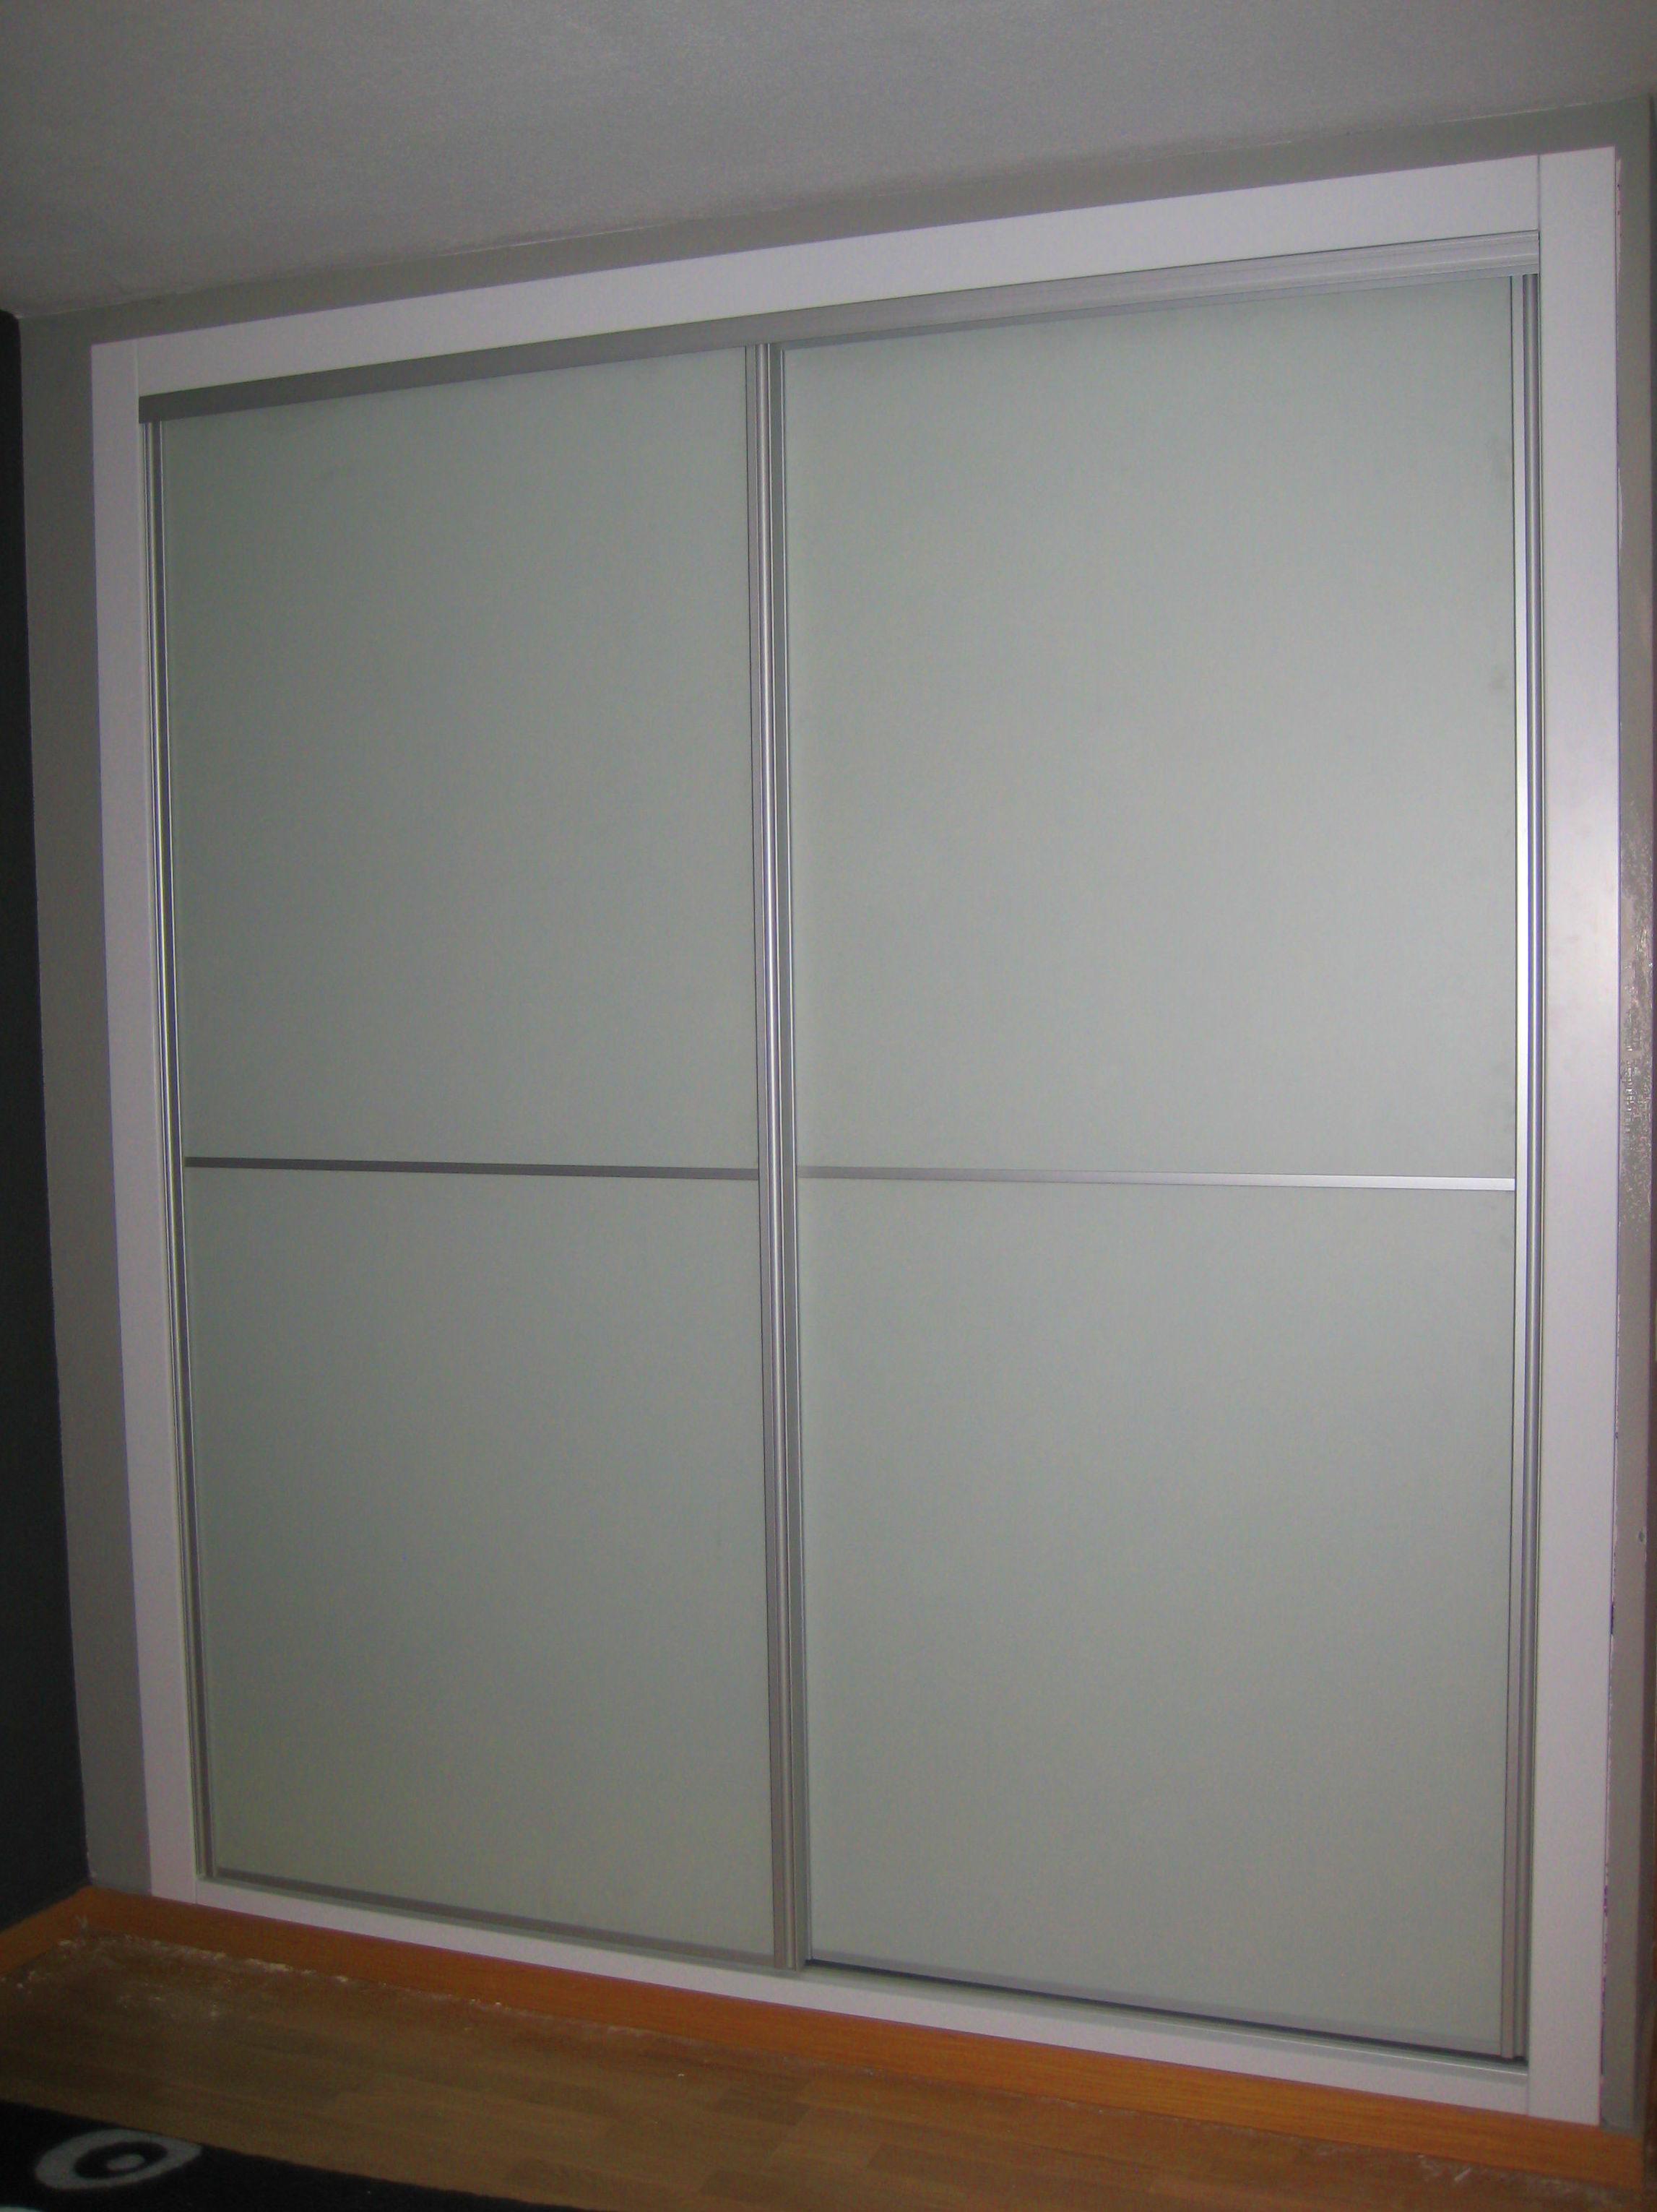 Frente de armario de puertas correderas con cristal opaco sobre fondo blanco. #armario